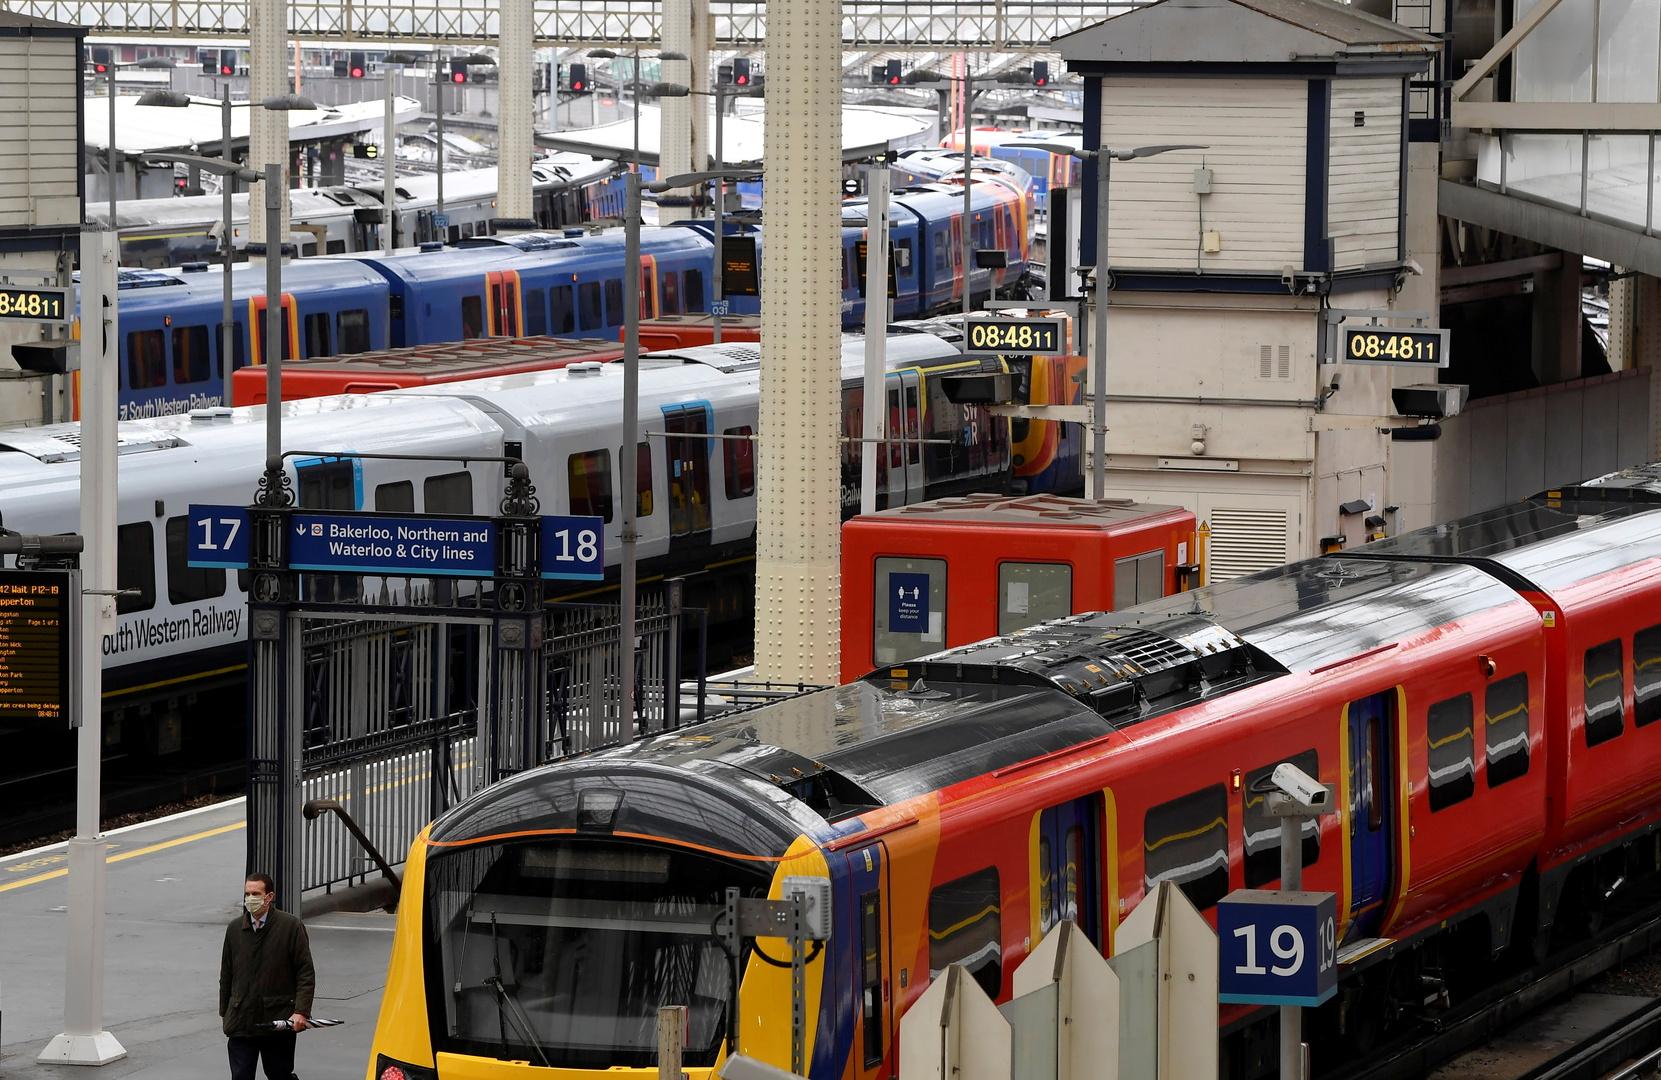 بريطانيا.. تعرض آلات بيع تذاكر السكك الحديدية شمالي البلاد لهجوم إلكتروني